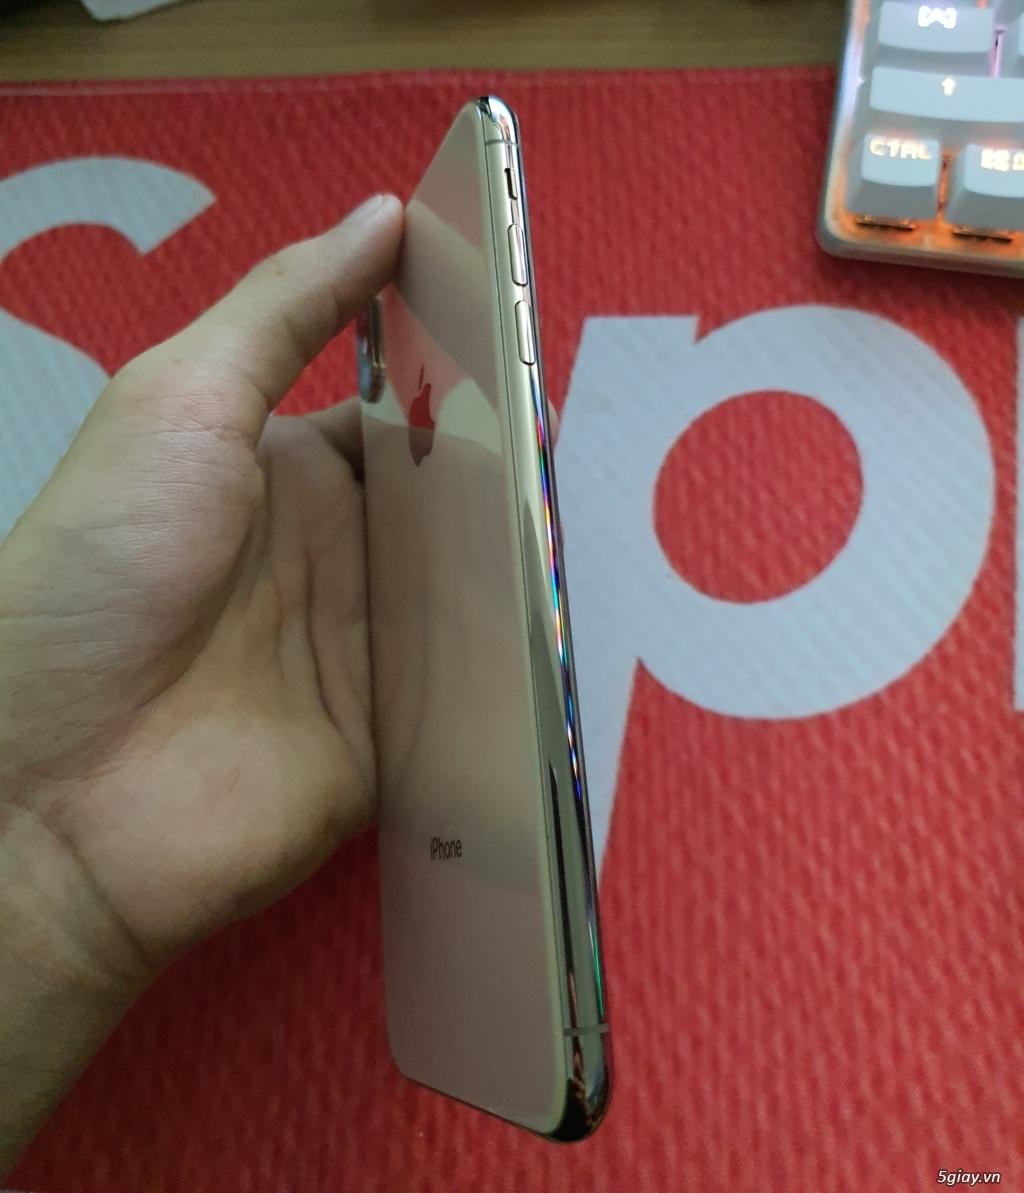 Bán iPhone Xs Max 256gb Gold Lock 99%, iPhone 11 Pro Max 64gb quốc tế - 4